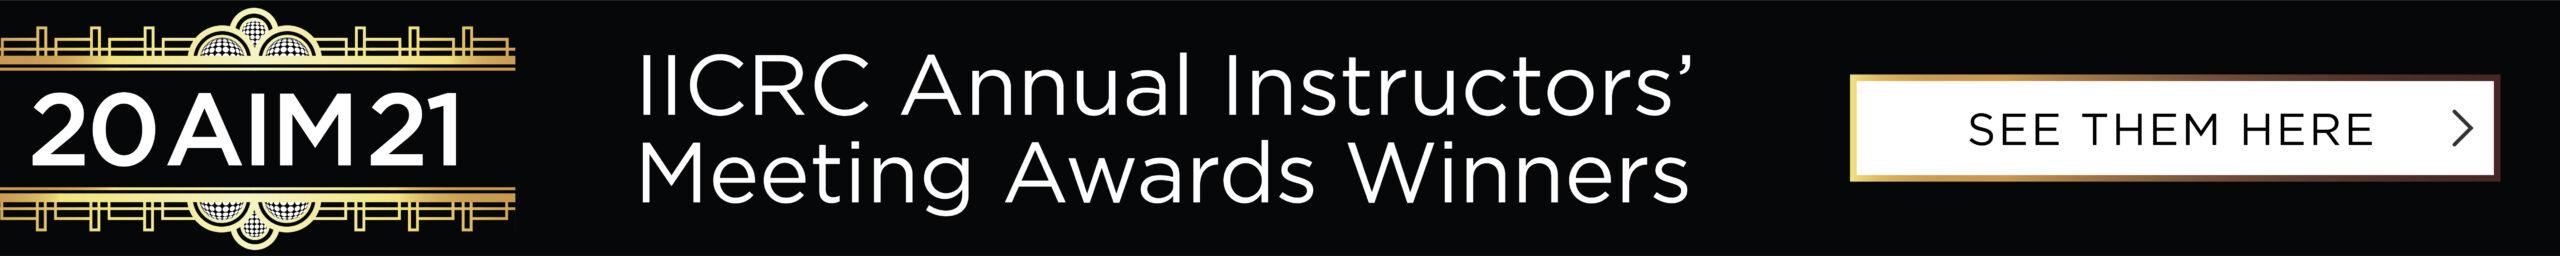 IICRC AIM winners homepage banner